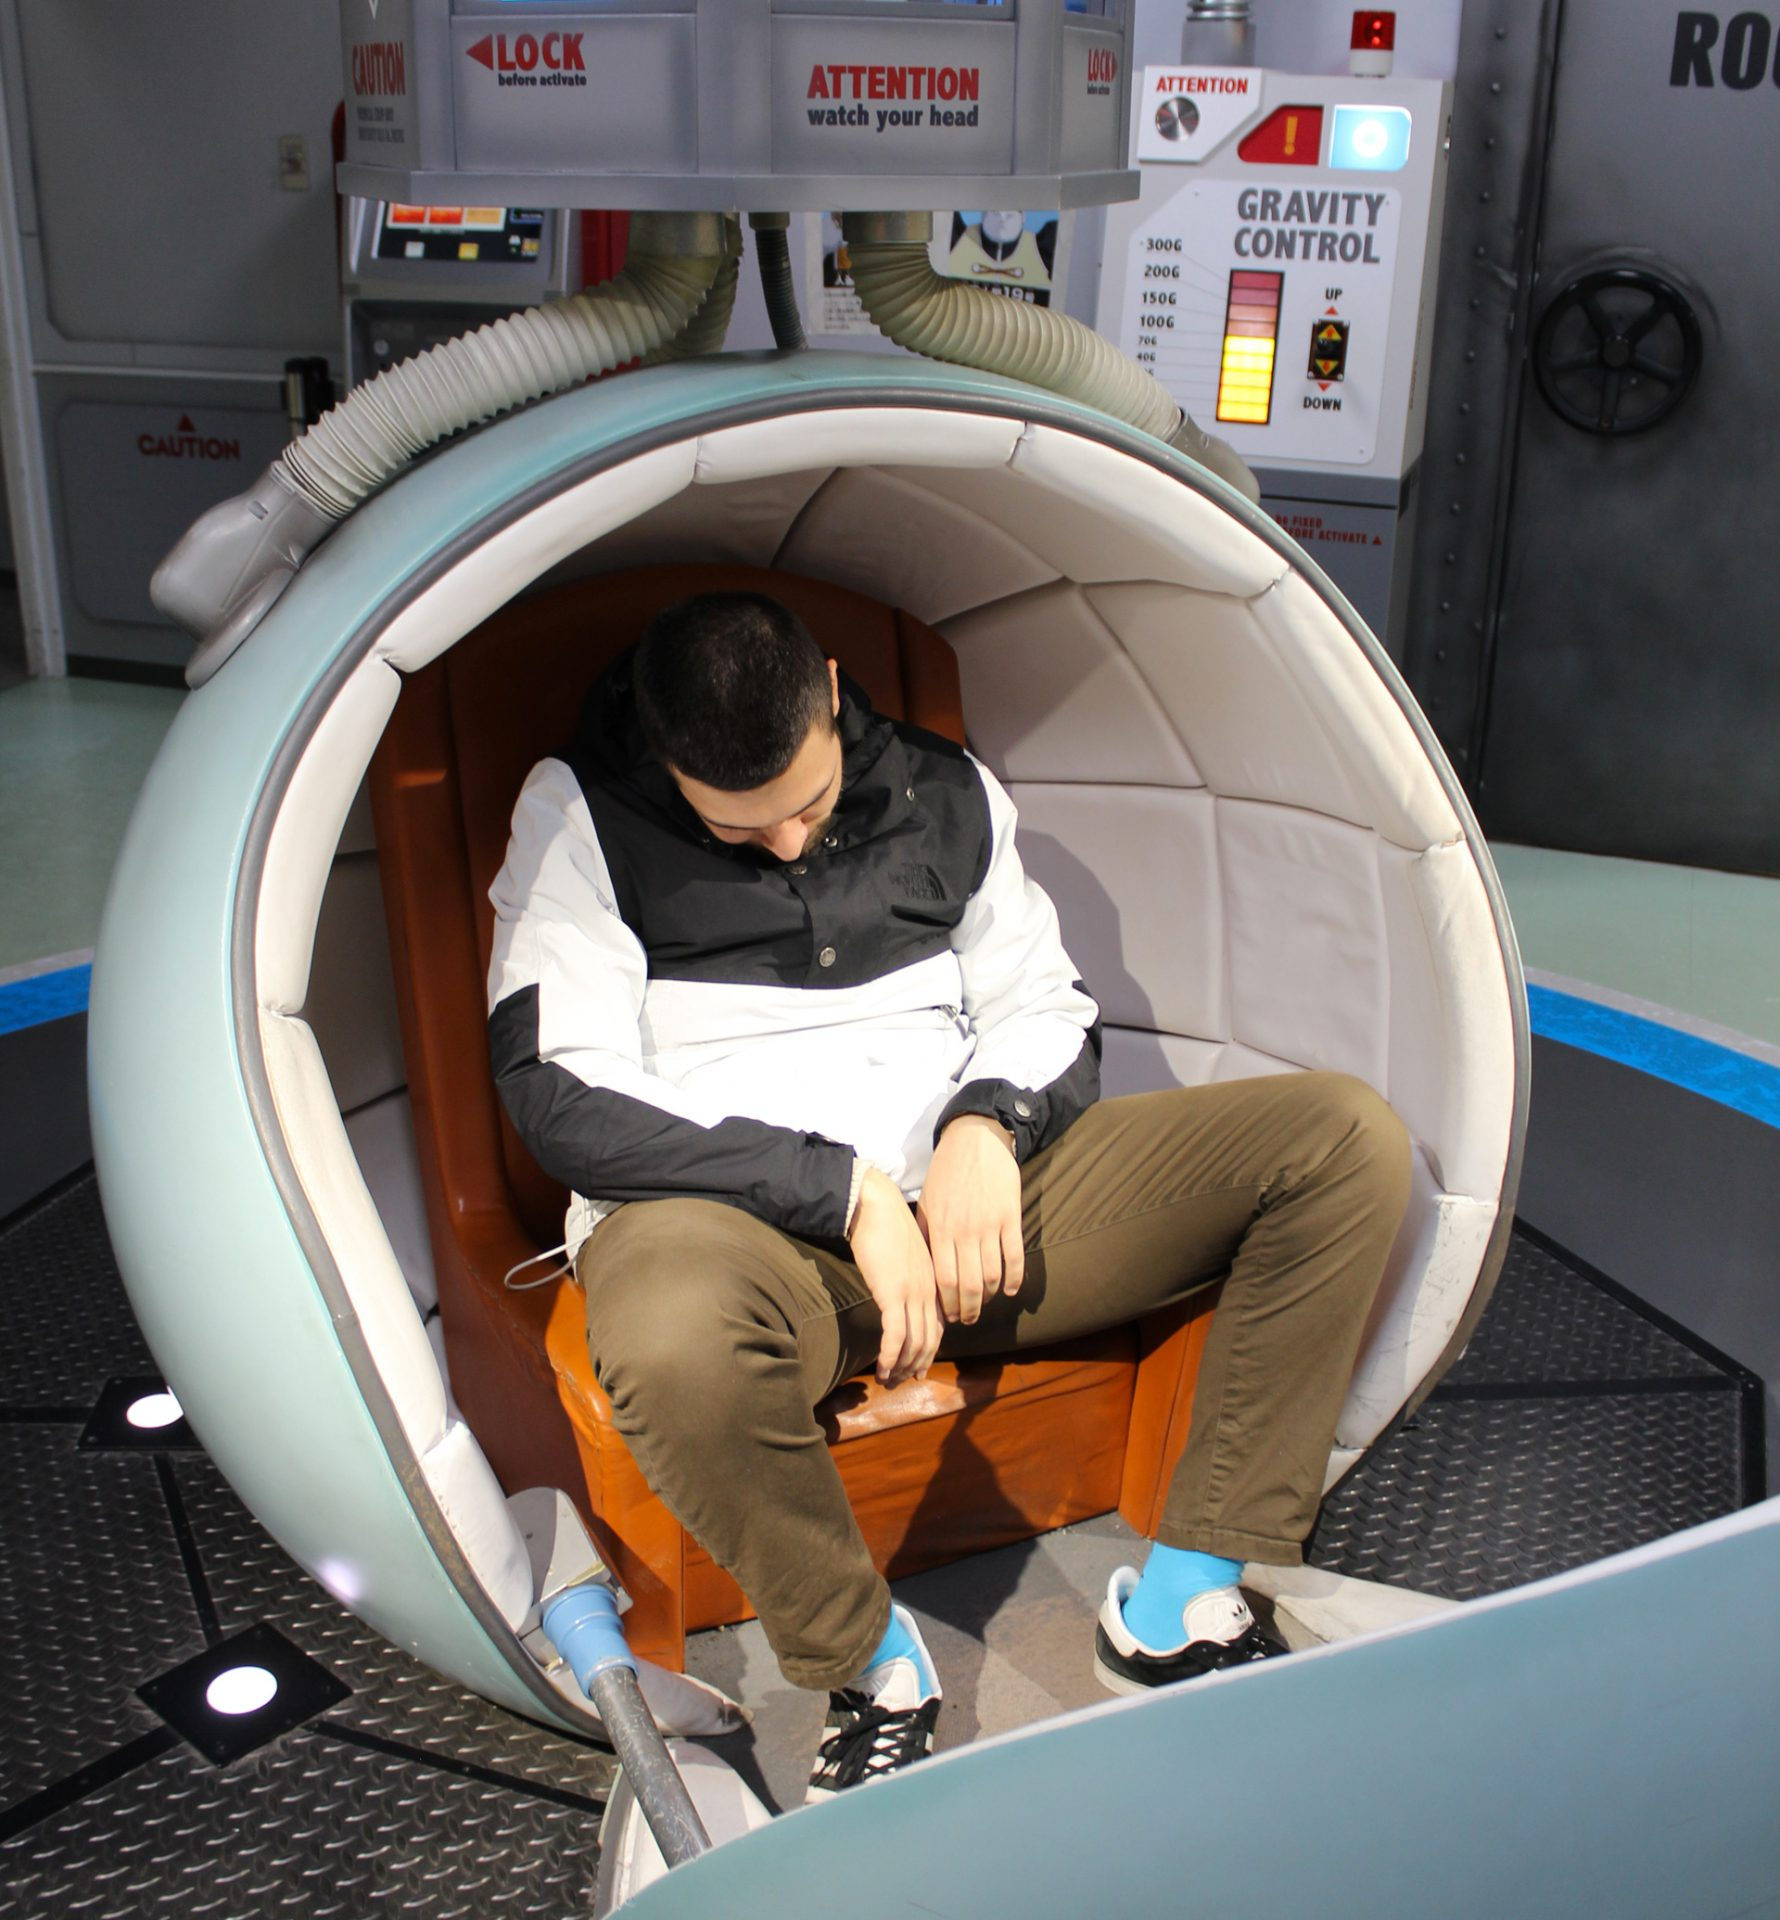 Tutto sommato il J-WORLD TOKYO è un luogo tranquillo. Forse troppo tranquillo…